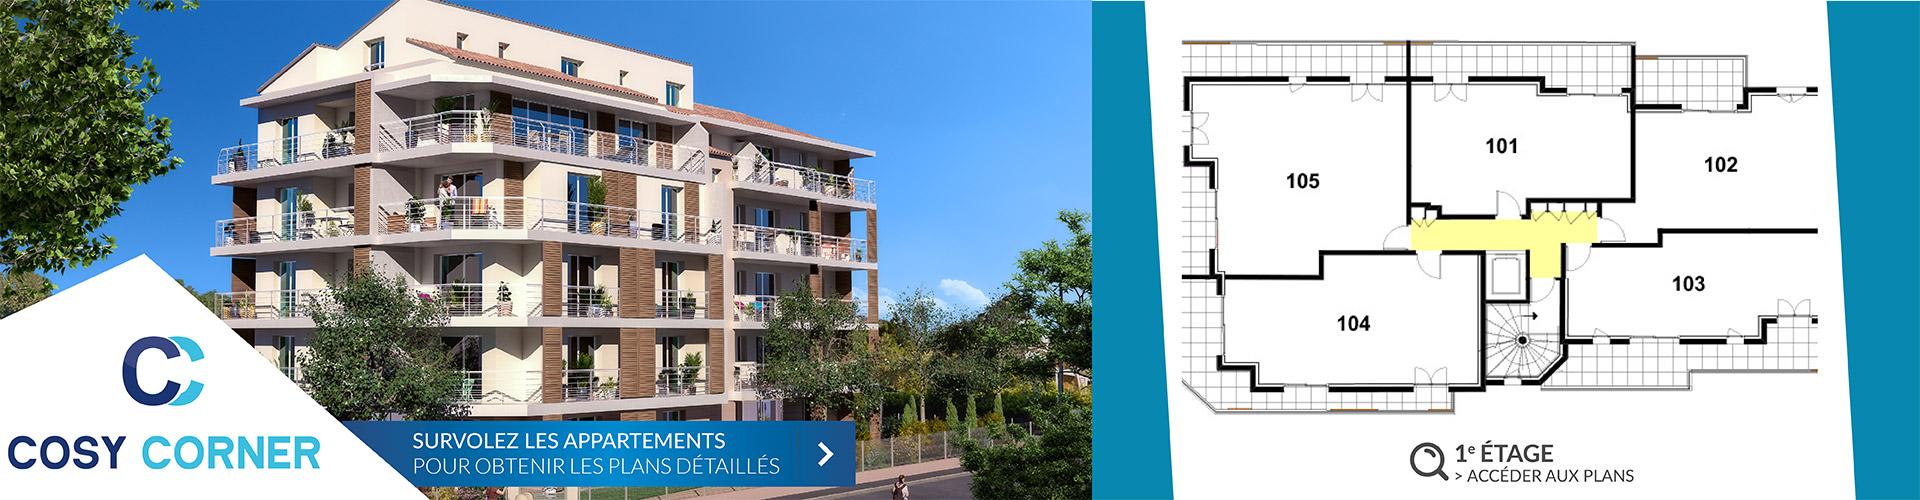 Résidence Cosy Corner à Toulon 83 - Logements neufs 1er etage